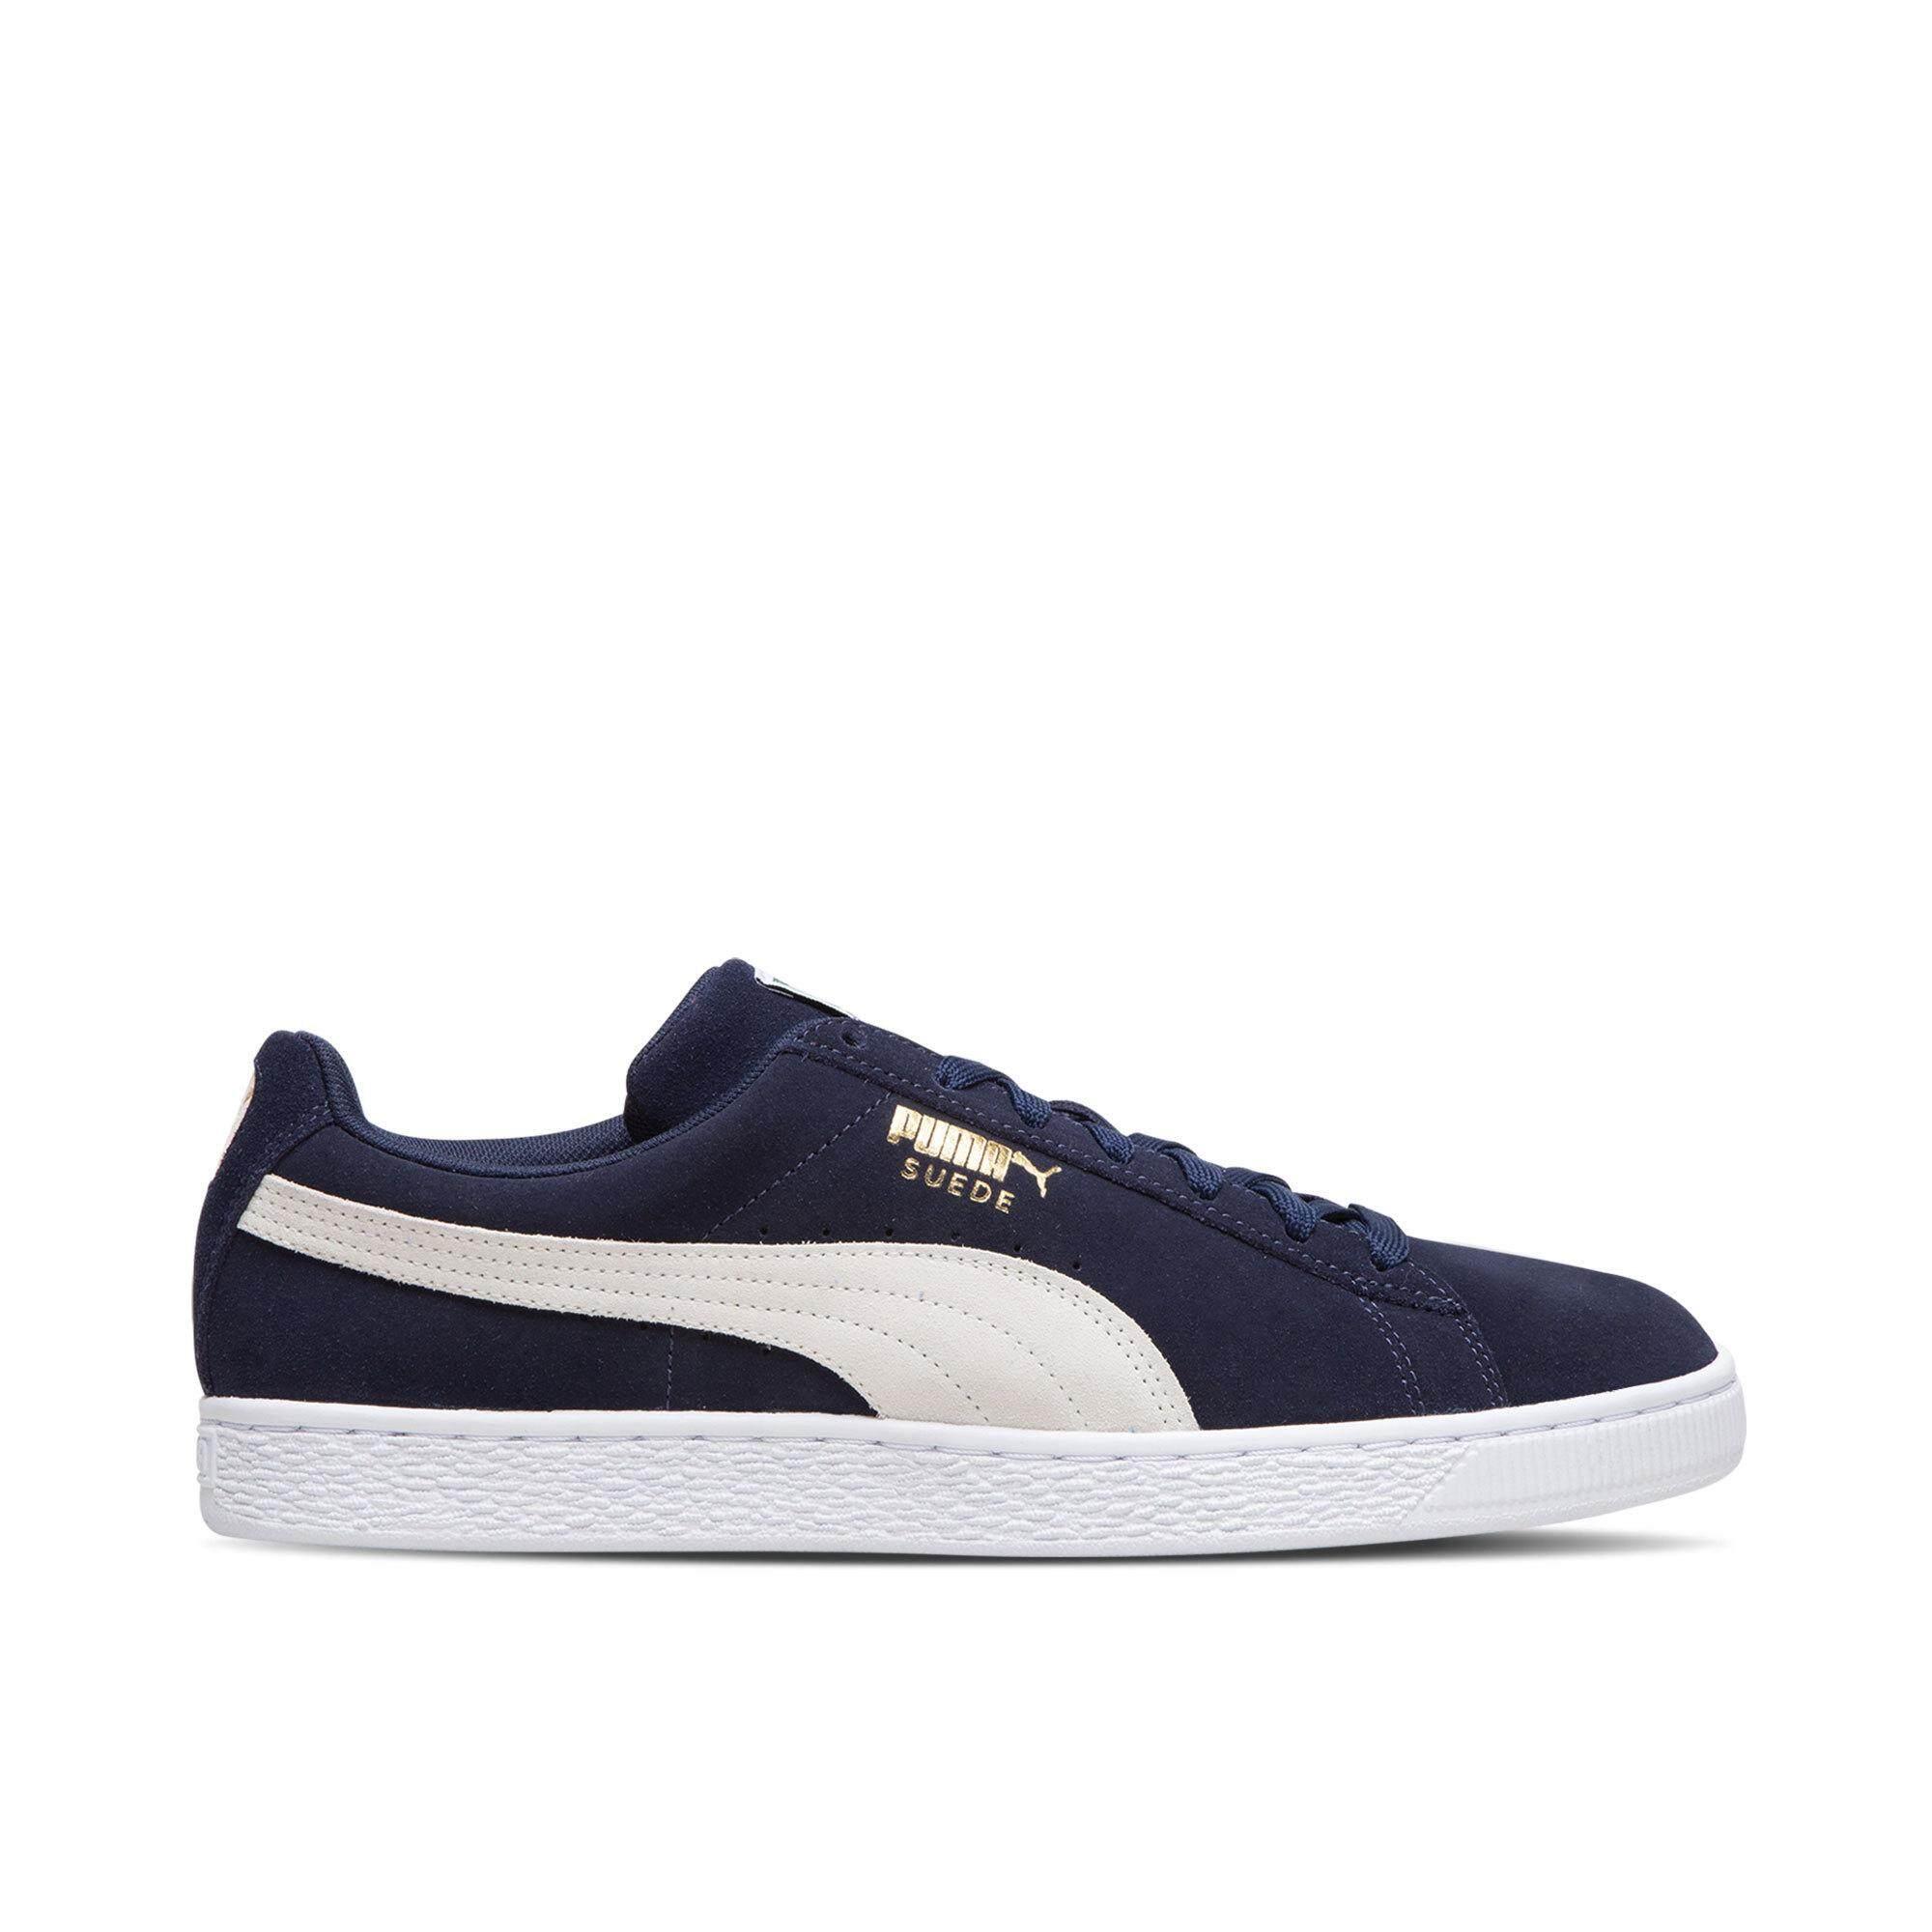 Puma Sepatu Pria Rak Konter Khusus Sepatu Sneaker Retro Model Musim Gugur b3d2095fc4